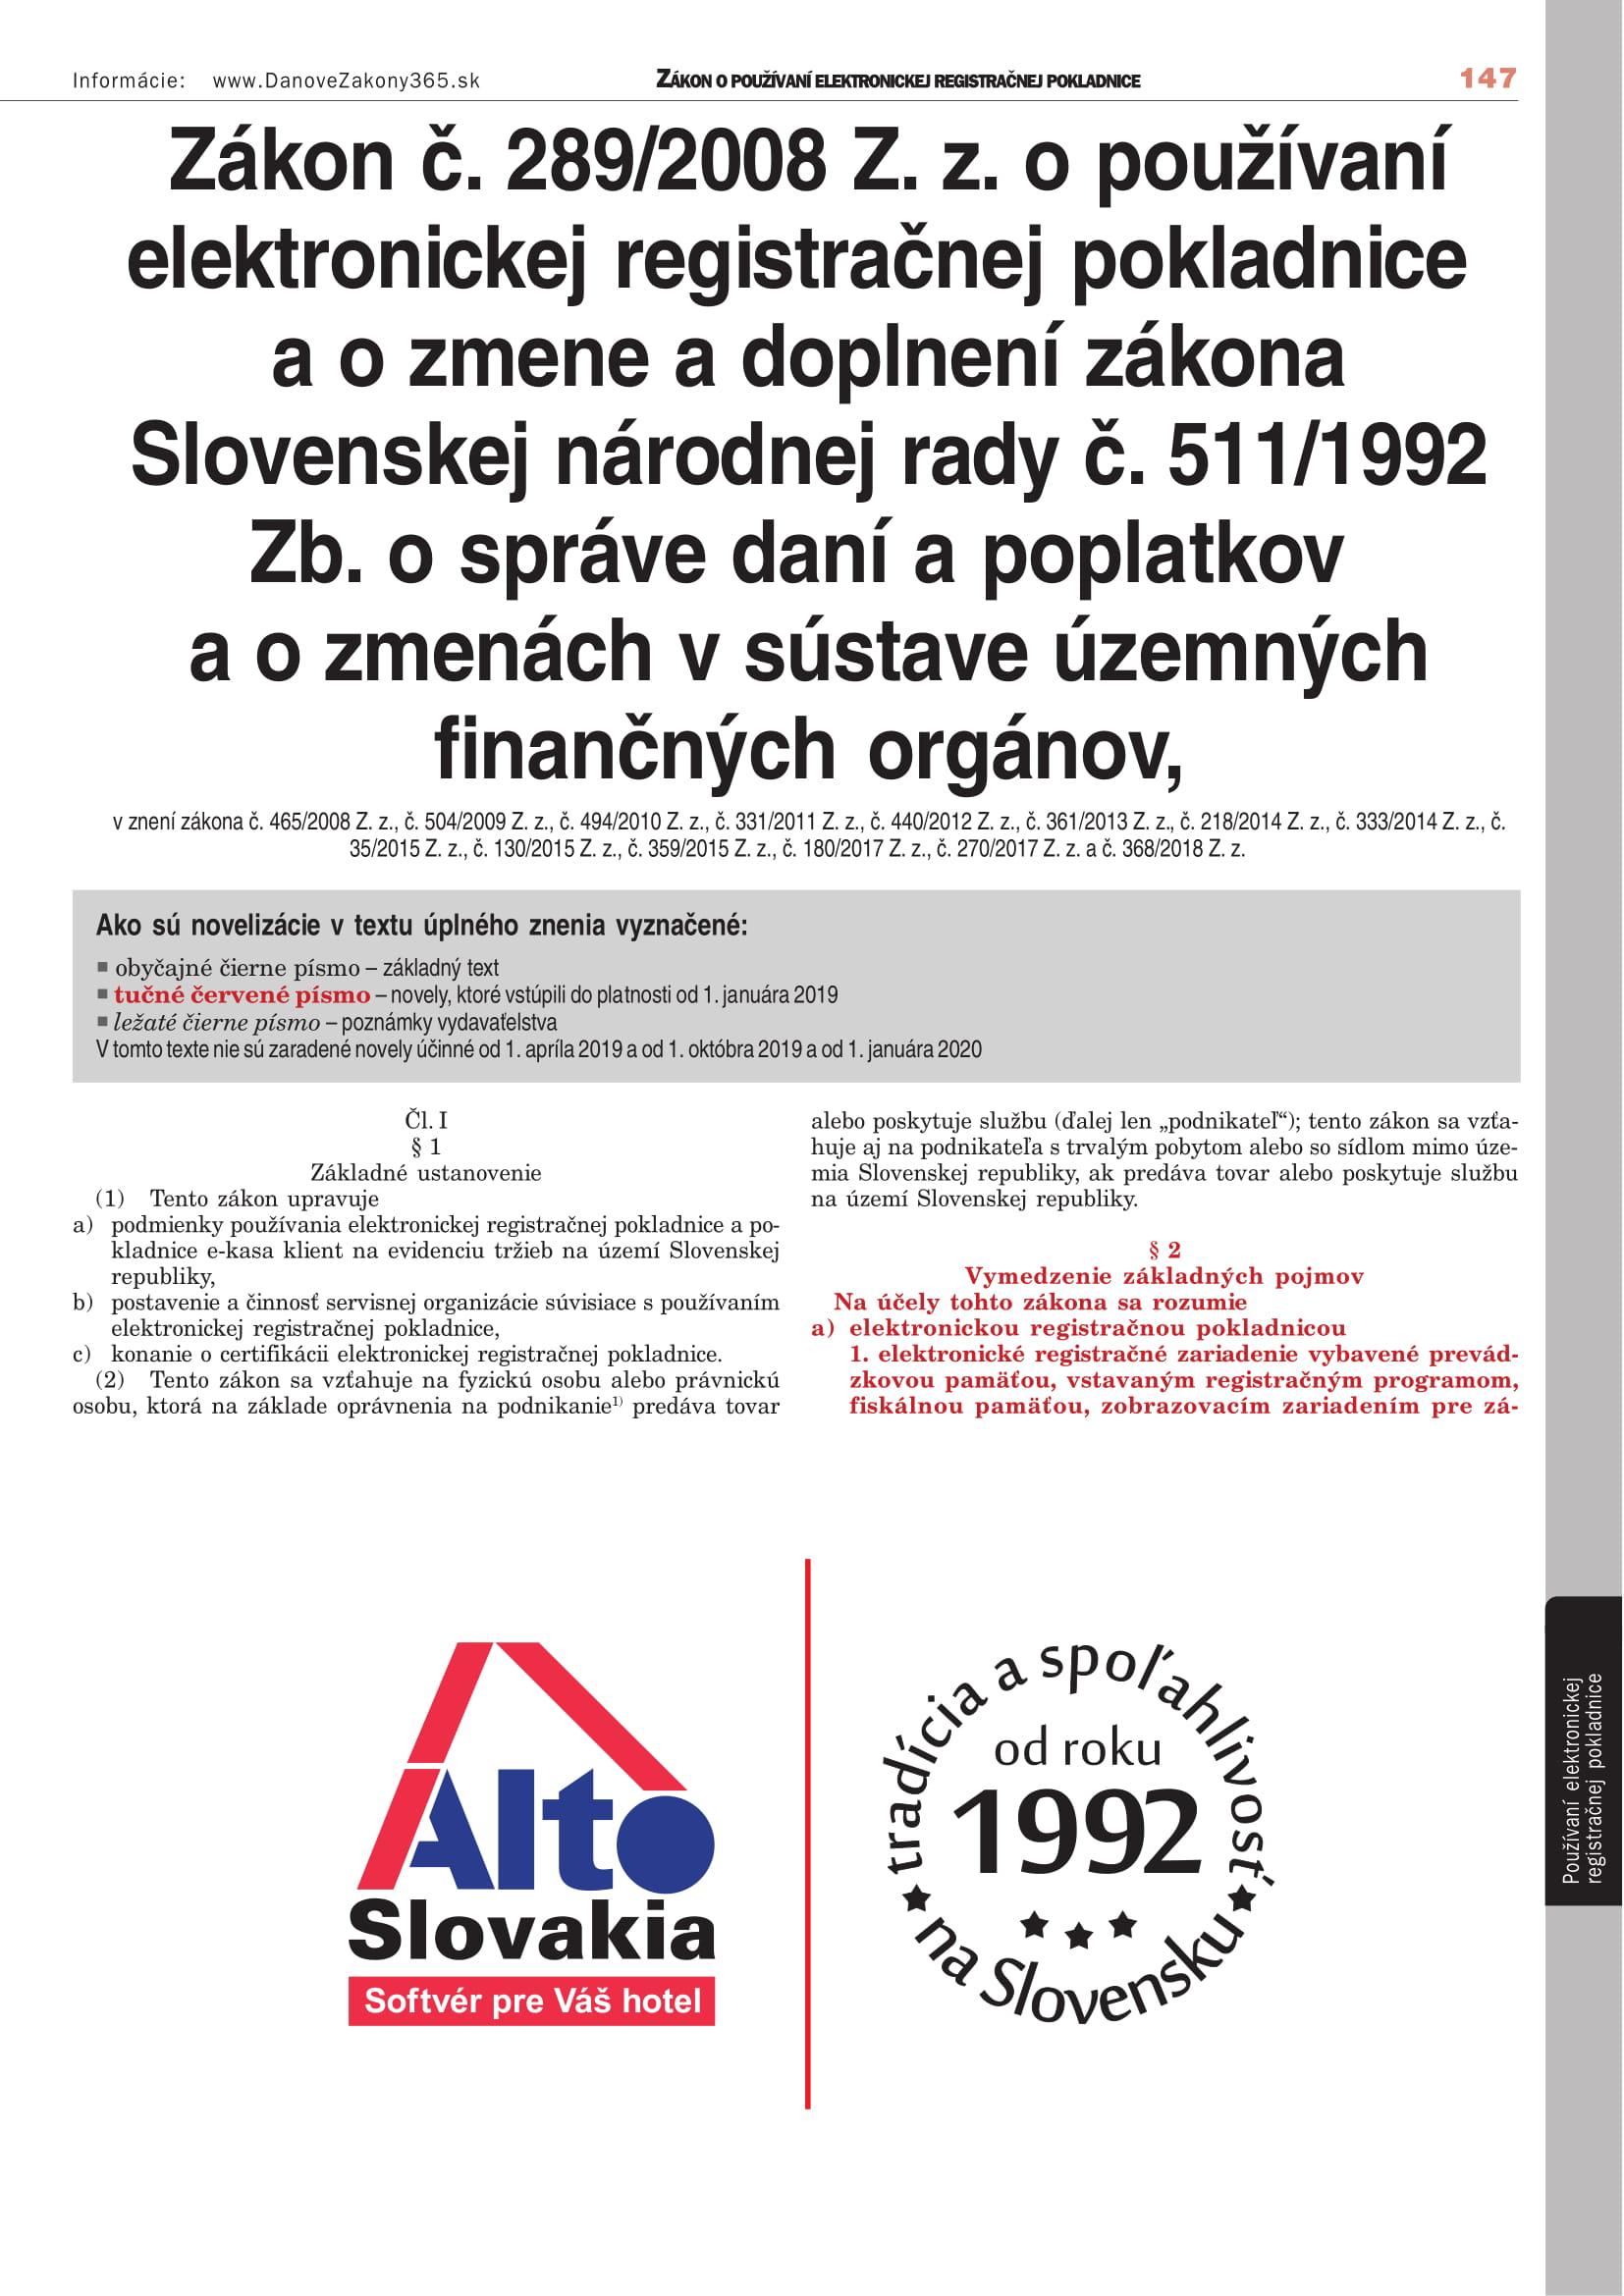 alto_zakon_o_registracnych_pokladniach_2019_po_jednej_stranane-02